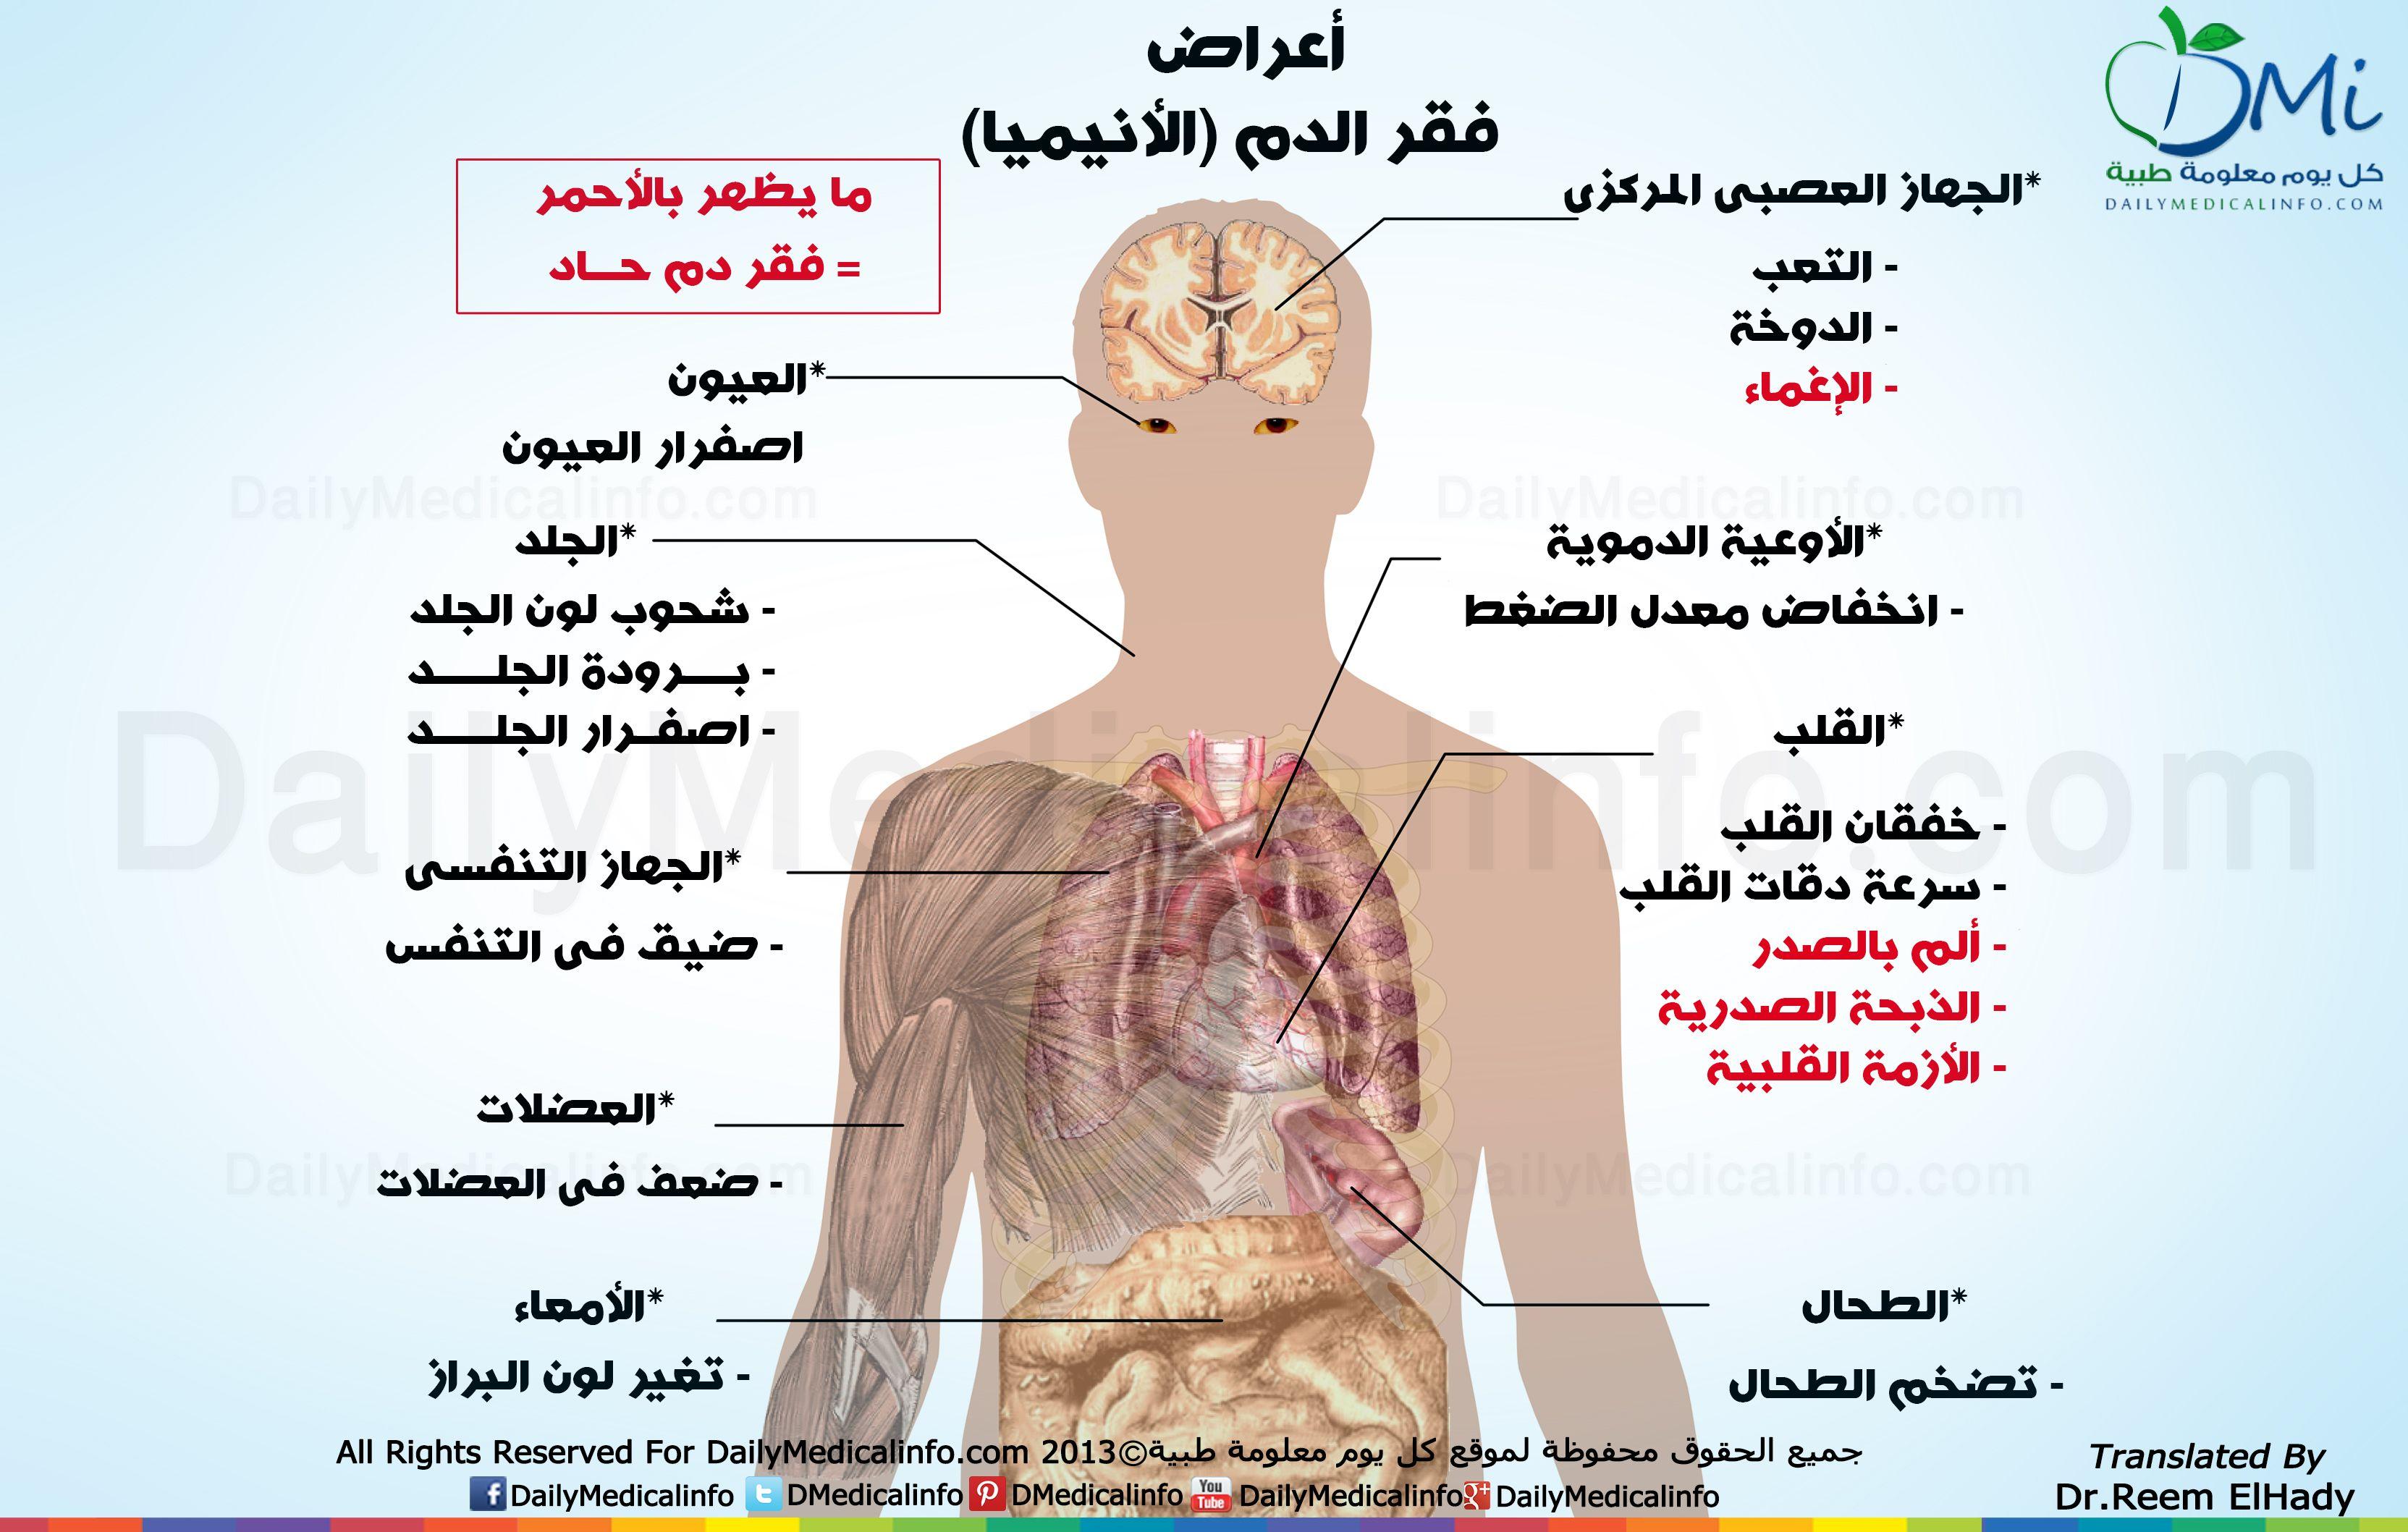 انفوجرافيك ما هى أعراض فقر الدم الأنيميا انفوجرافيك طبية كل يوم معلومة طبية Infographic Health Medical Information Infographic